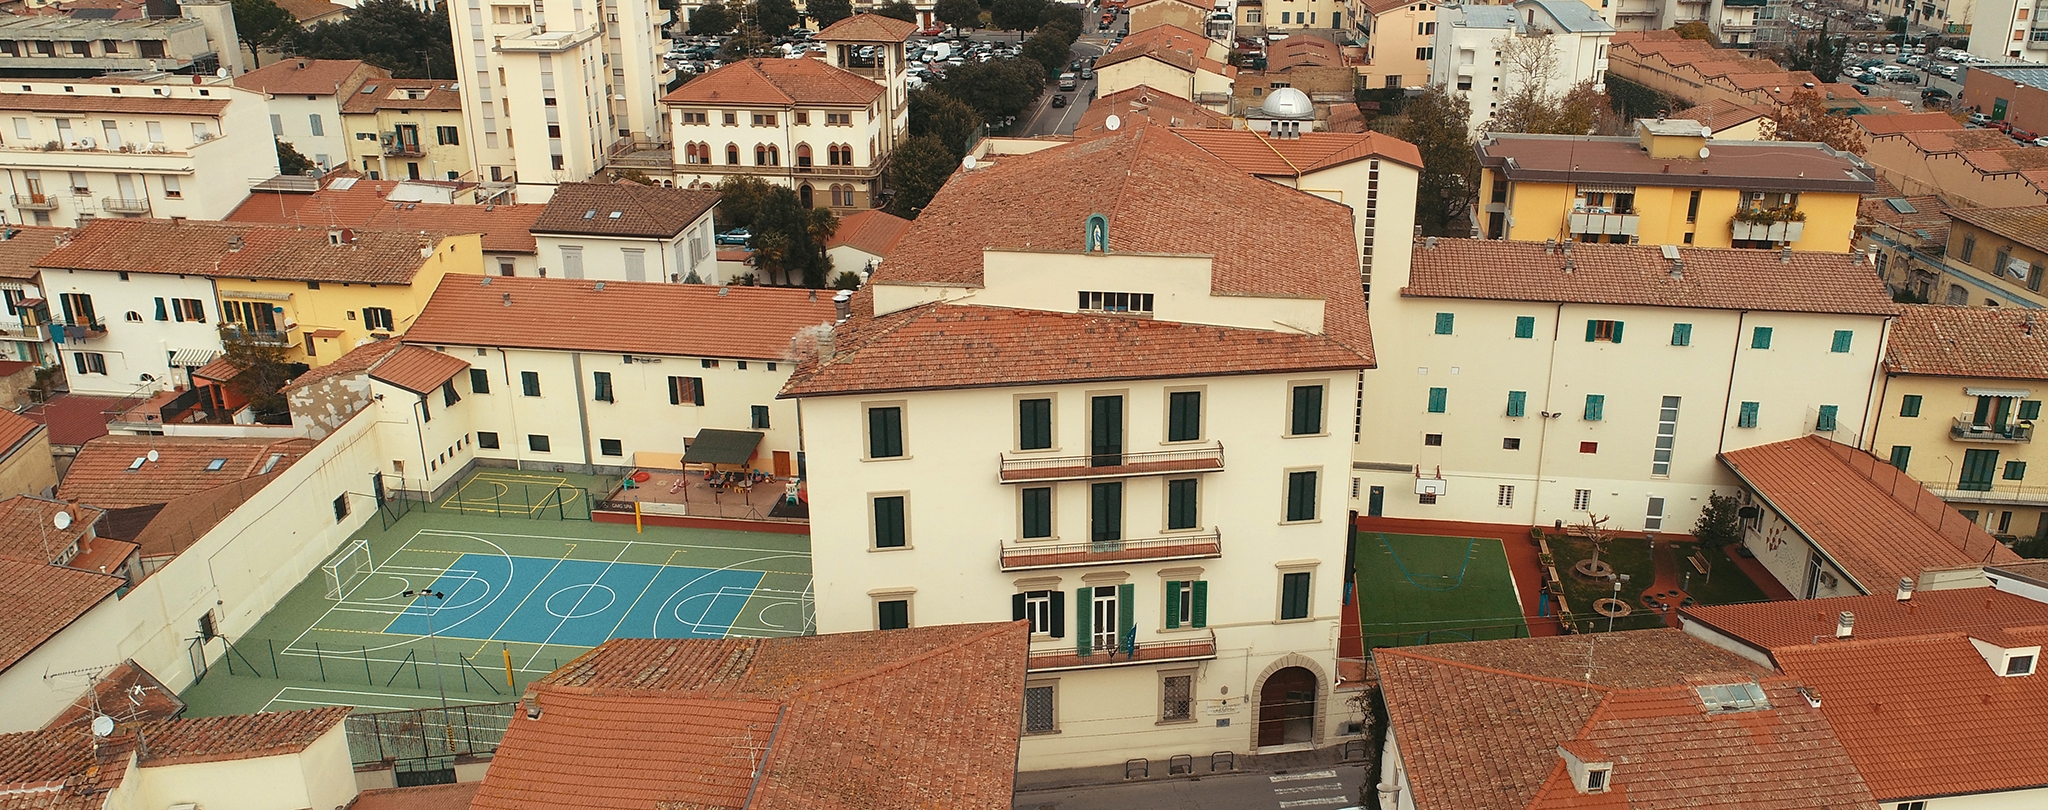 Scuola primaria Istituto Calasanzio